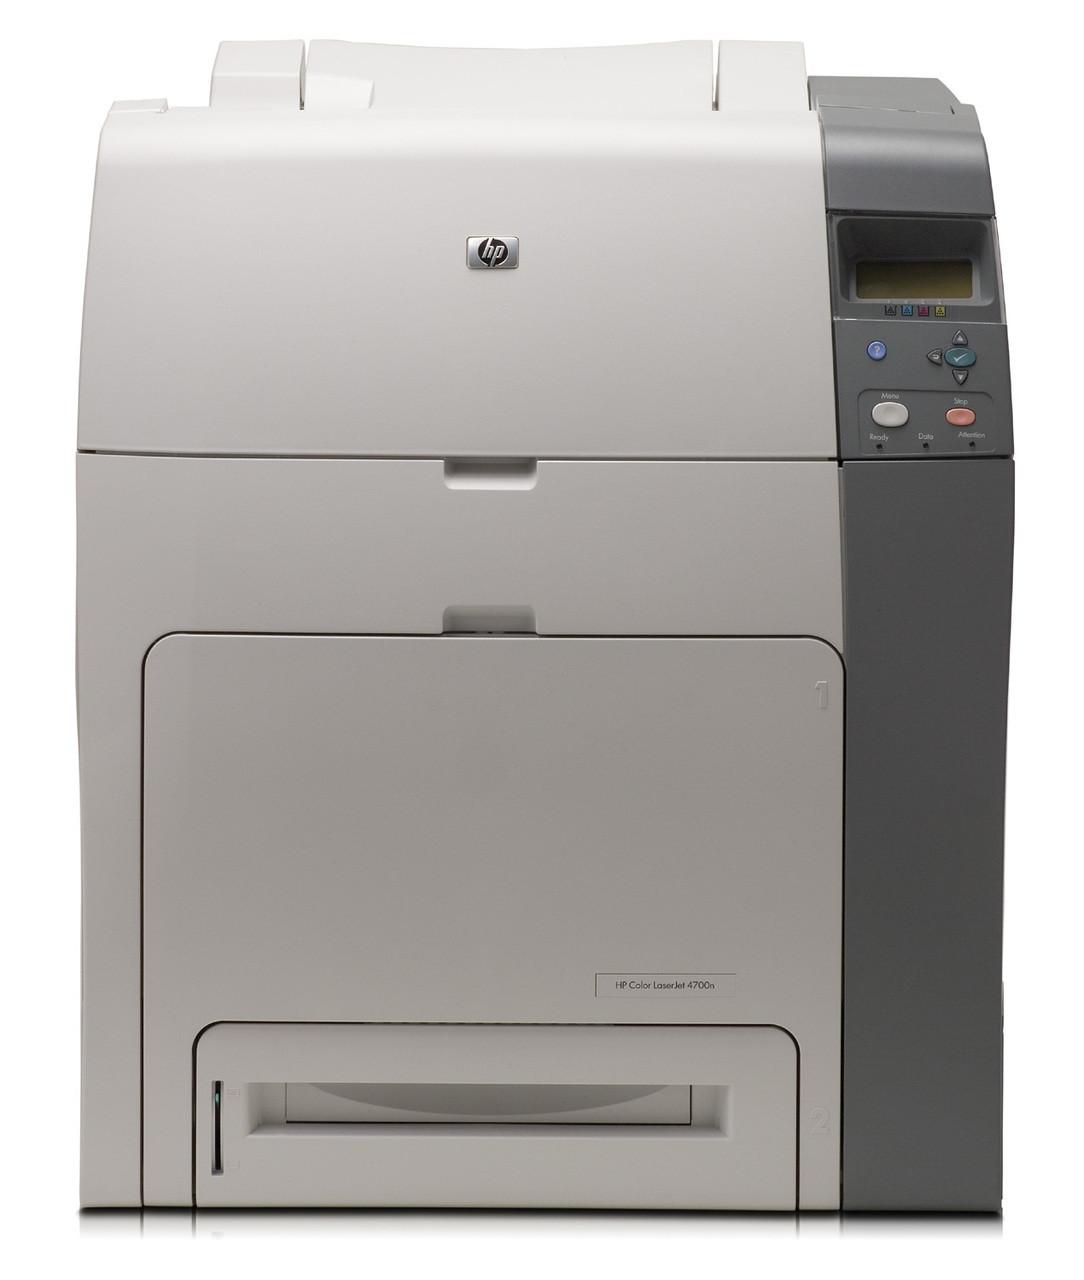 HP Color LaserJet 4700dn - Q7493AR - HP Laser Printer for sale